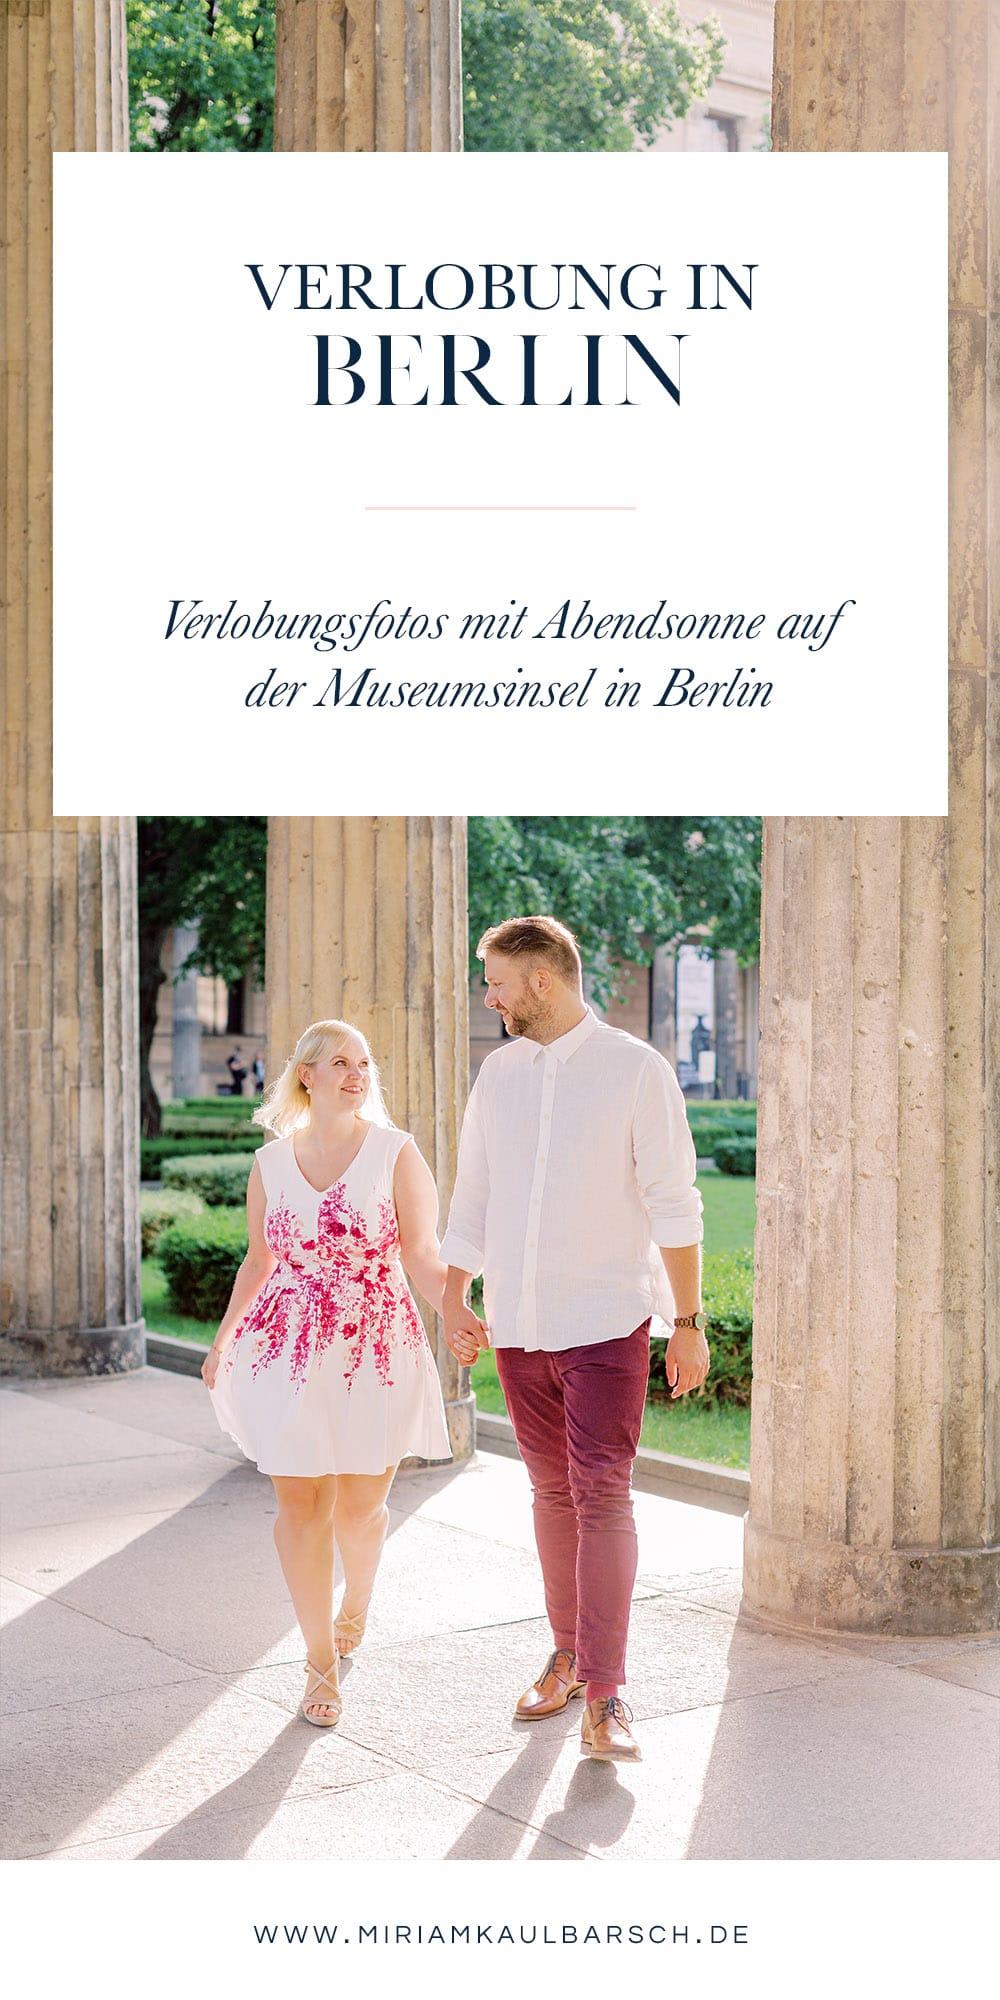 Verlobung mit Abendsonne auf der Museumsinsel in Berlin